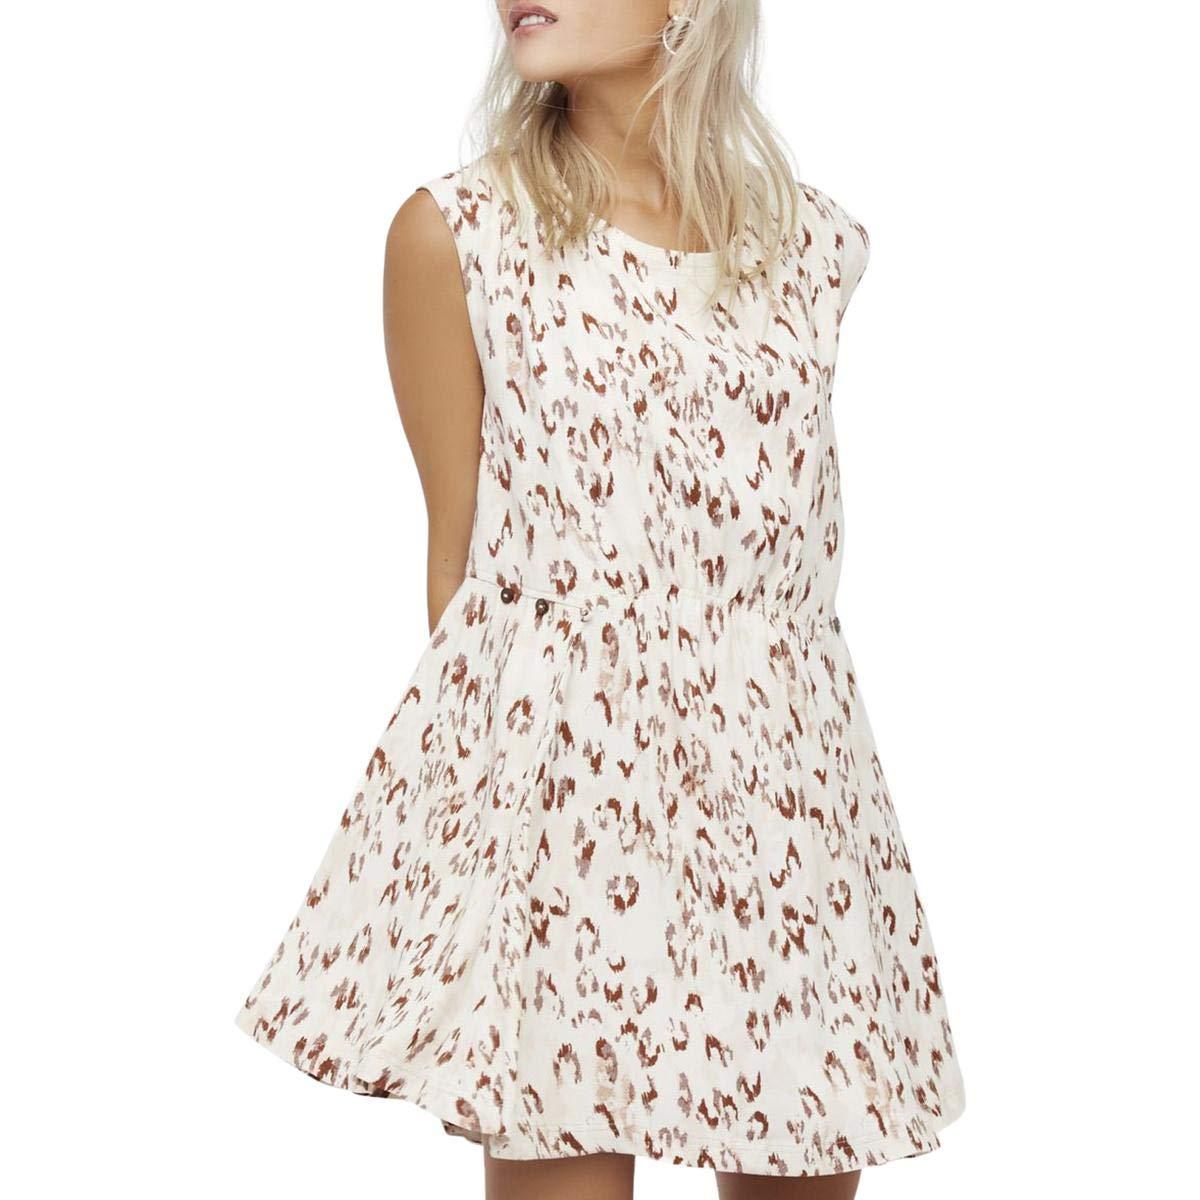 Free People Womens Fake Love Sleeveless Open Back Mini Dress Ivory XS